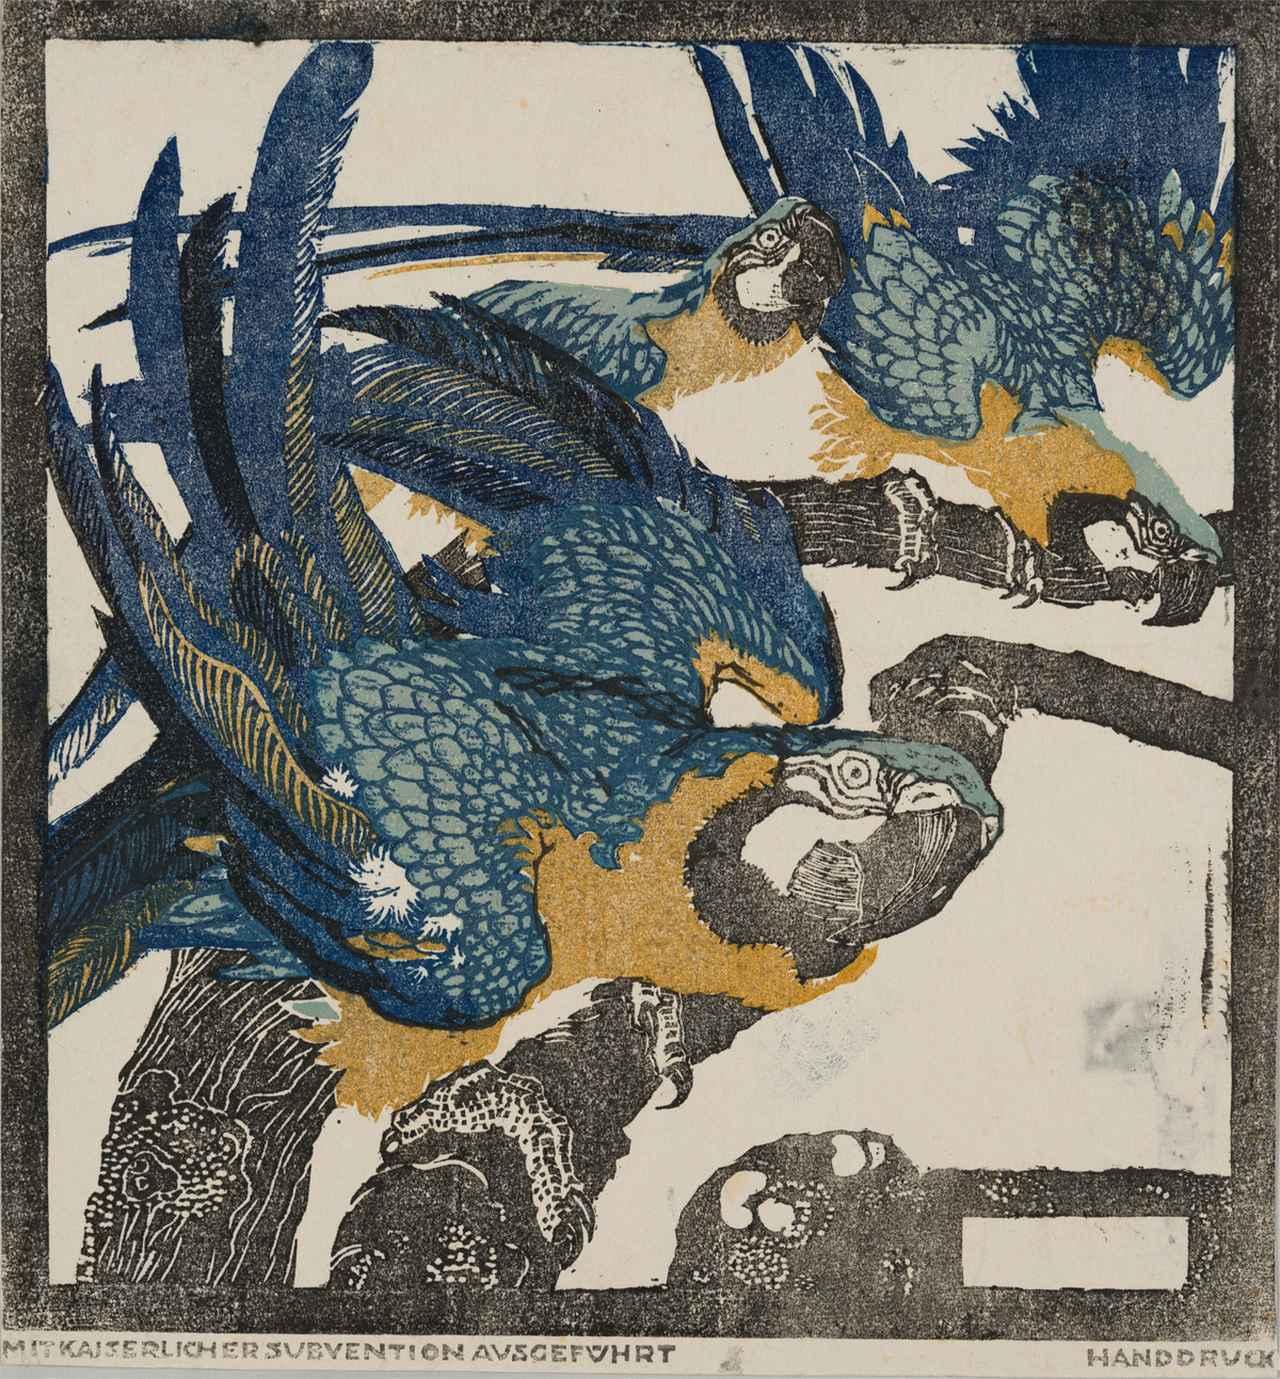 画像: ルートビィヒ・ハインリヒ・ユンクニッケル《三羽の青い鸚鵡》(連作「シェーンブルンの動物たち」より)1909年頃 京都国立近代美術館所蔵